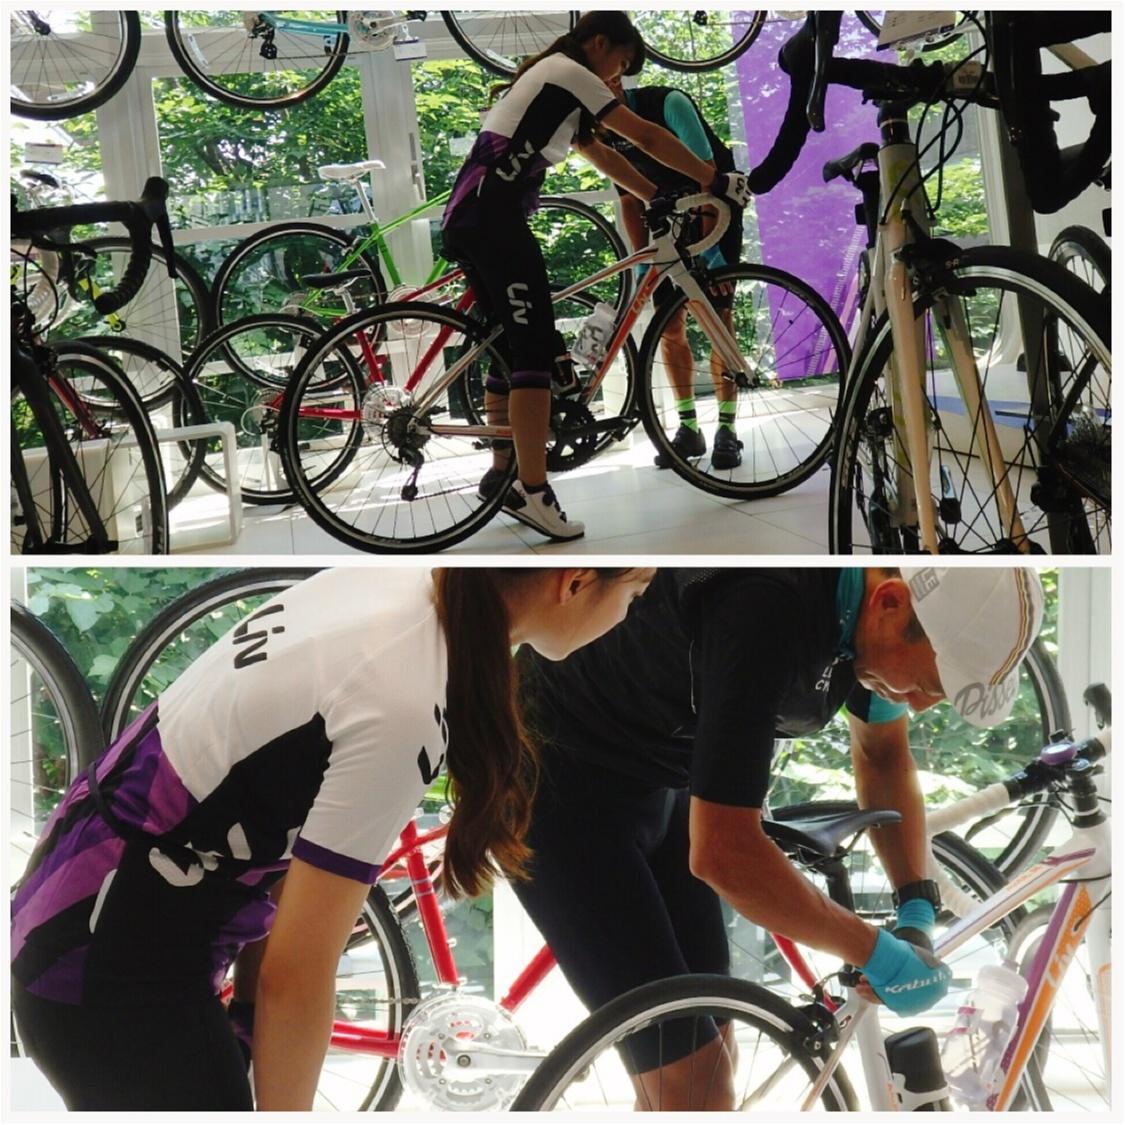 「ツール・ド・東北」に向けて…初ロードバイクレッスン♡オフィシャル・チャリティー・サイクルジャージもご紹介!【#モアチャレ さえ】_2_2